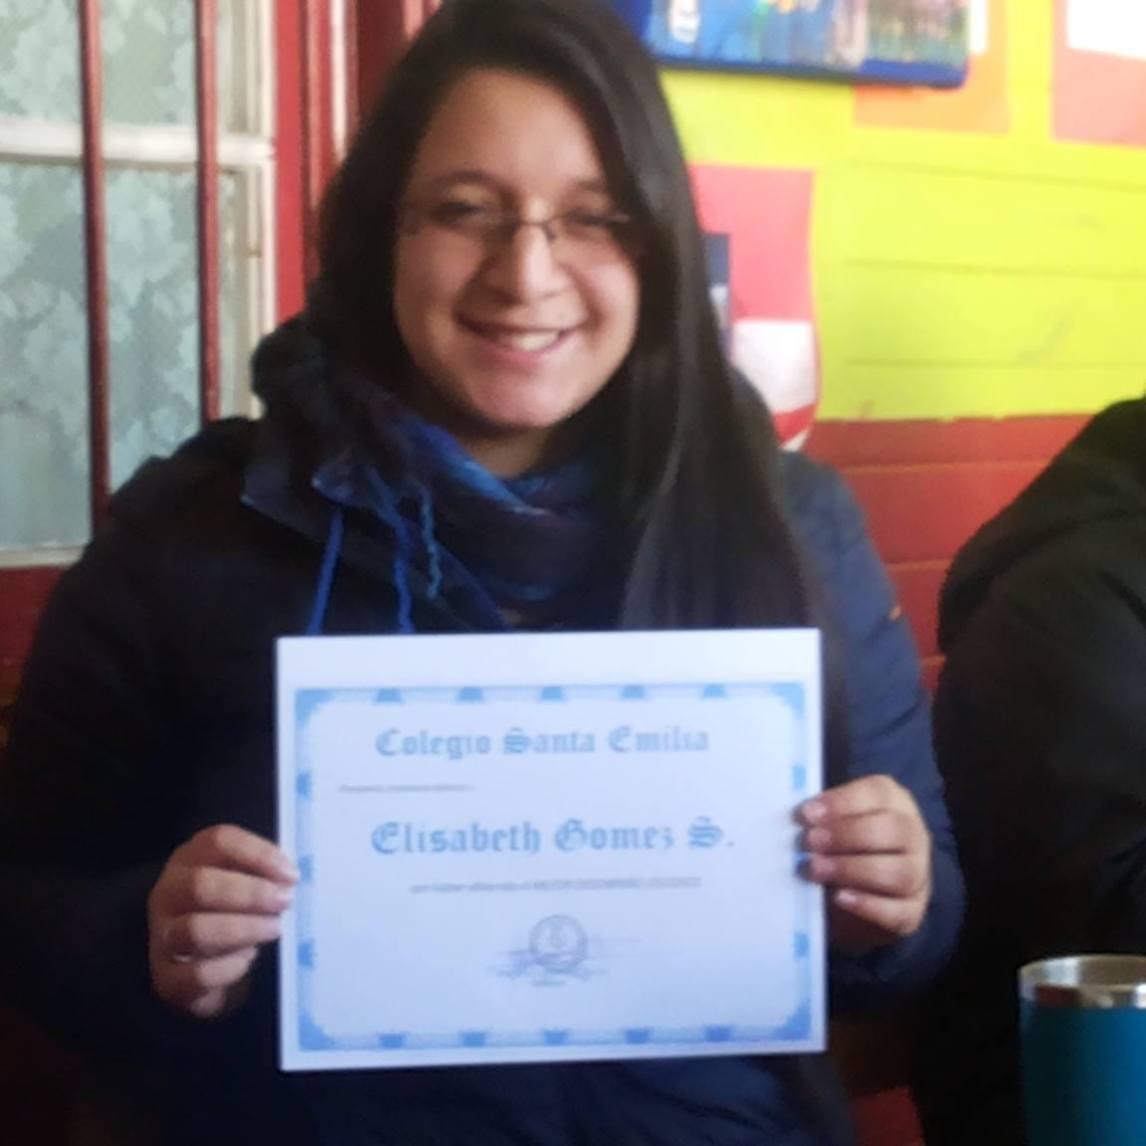 Elisabeth Gómez recibe un diploma y un incentivo económico por su destacada labor como profesora que cumple el perfil del colegio Santa Emilia...